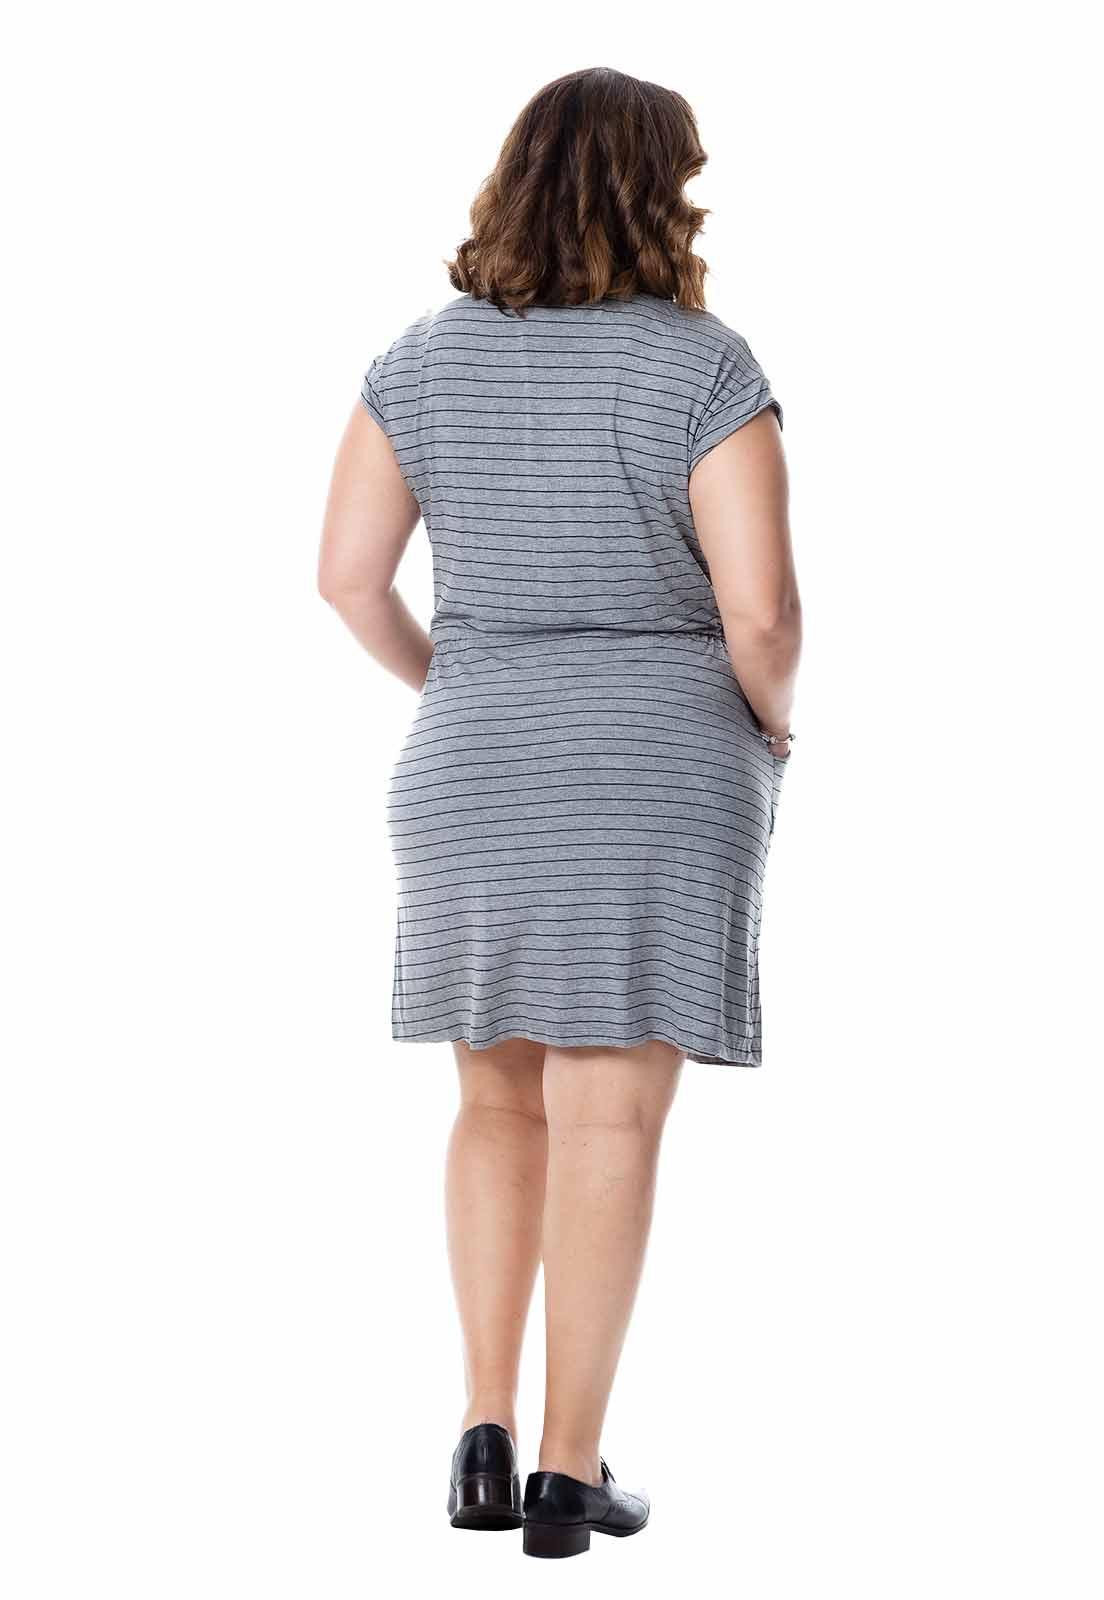 Vestido plus size listrado com amarração na cintura